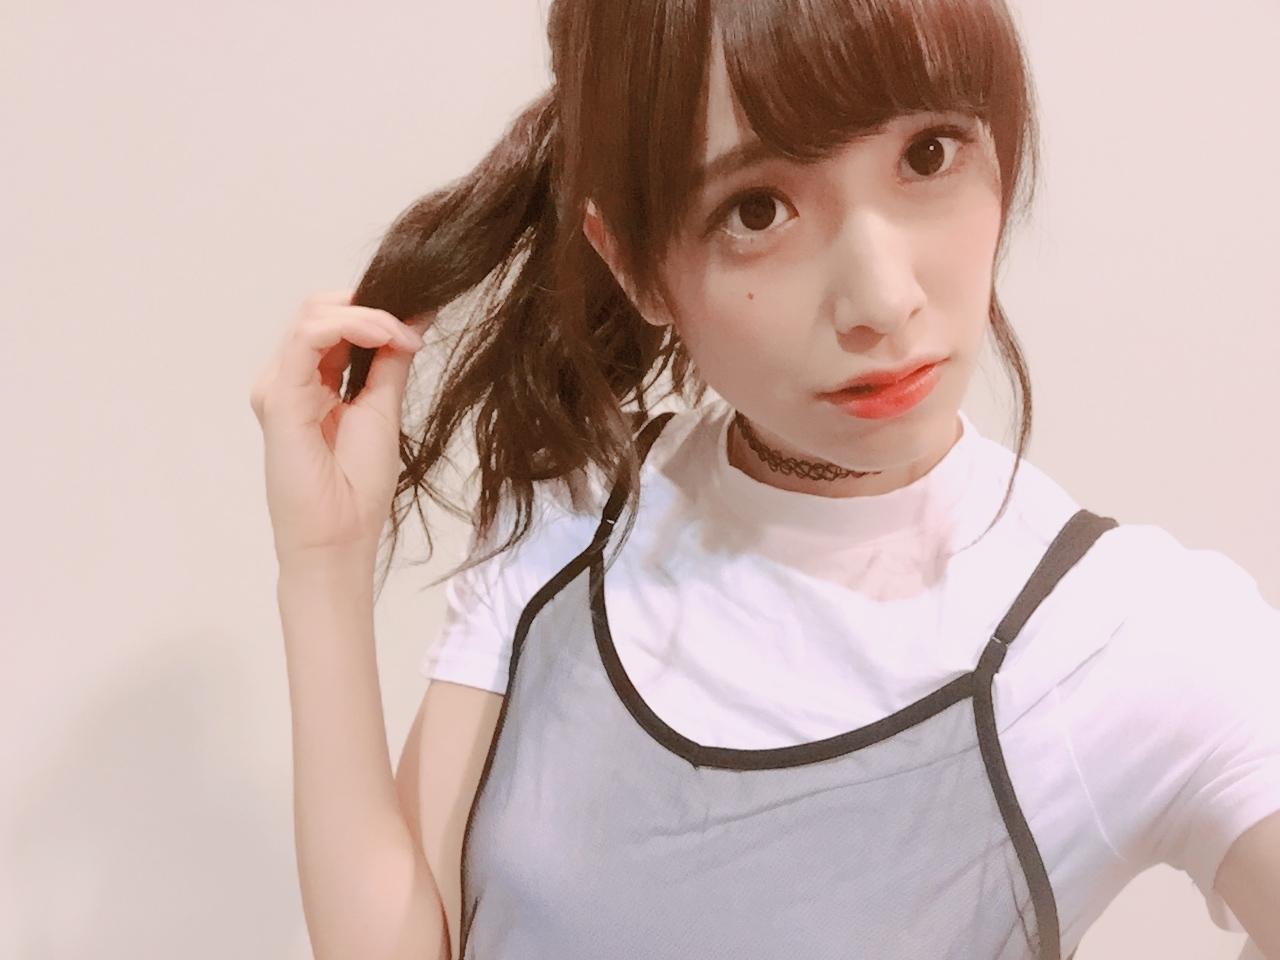 佐々木久美 (アイドル)の画像 p1_32